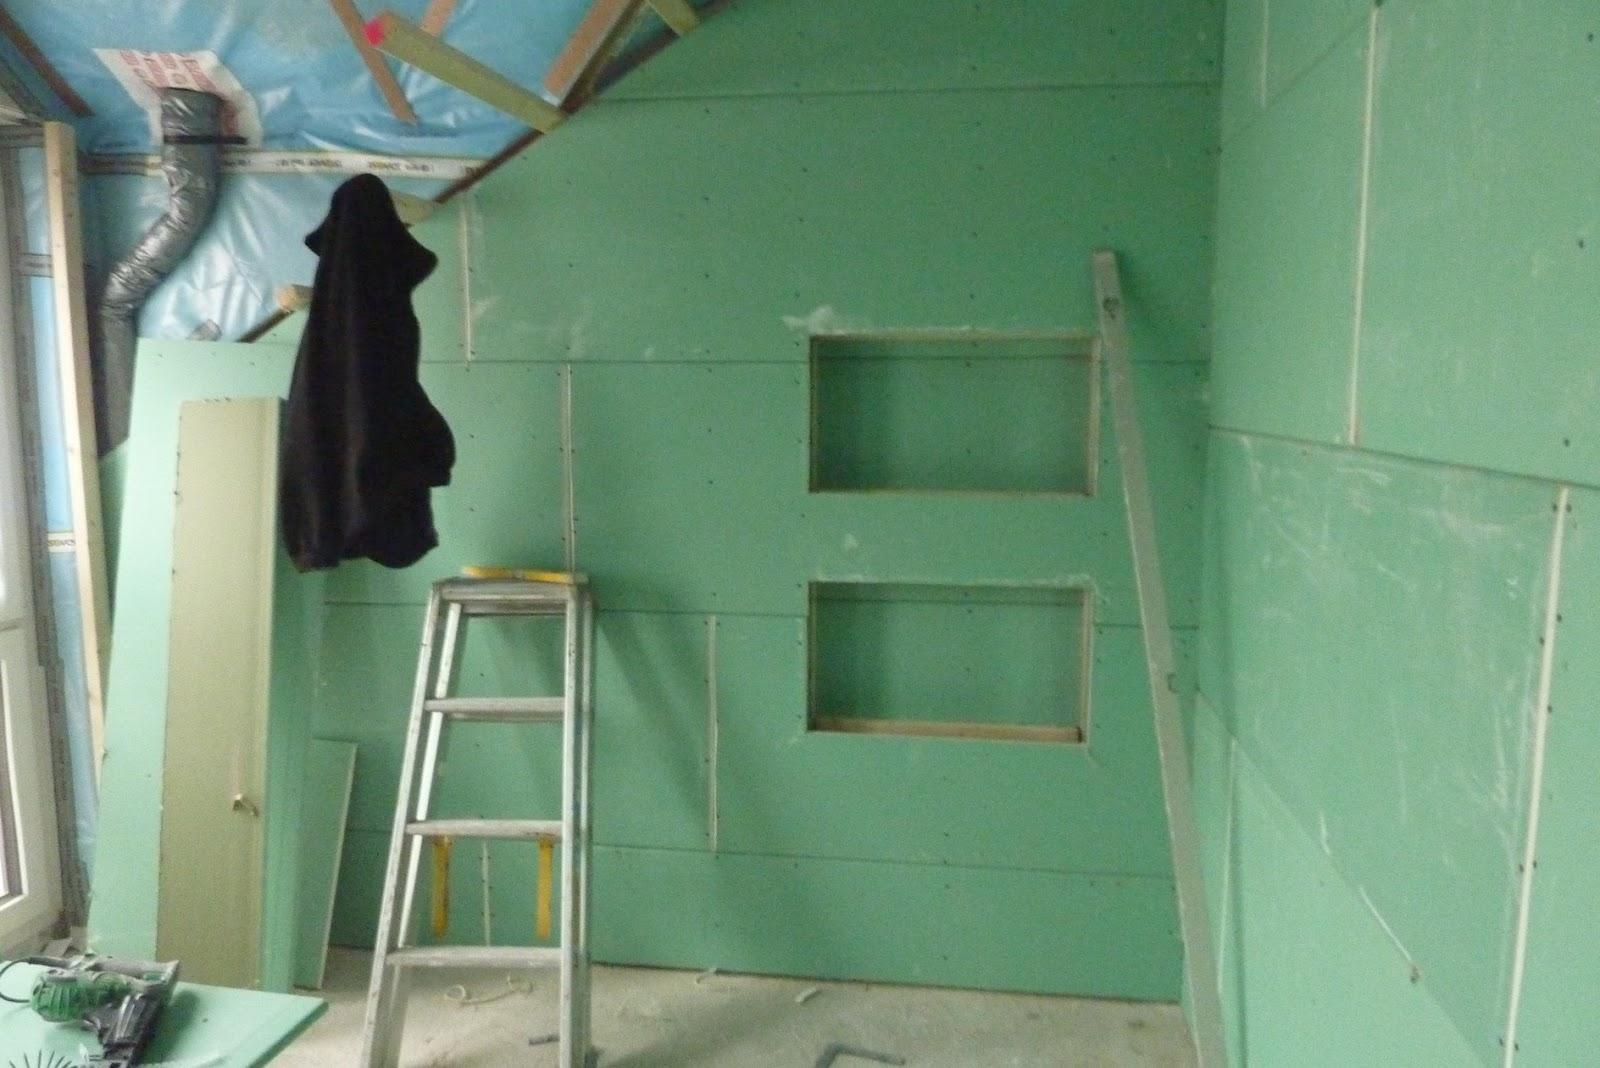 Bautagebuch zu unserem Traumhaus Jette Joop Europe unlimited von Viebrockhaus Februar 2012